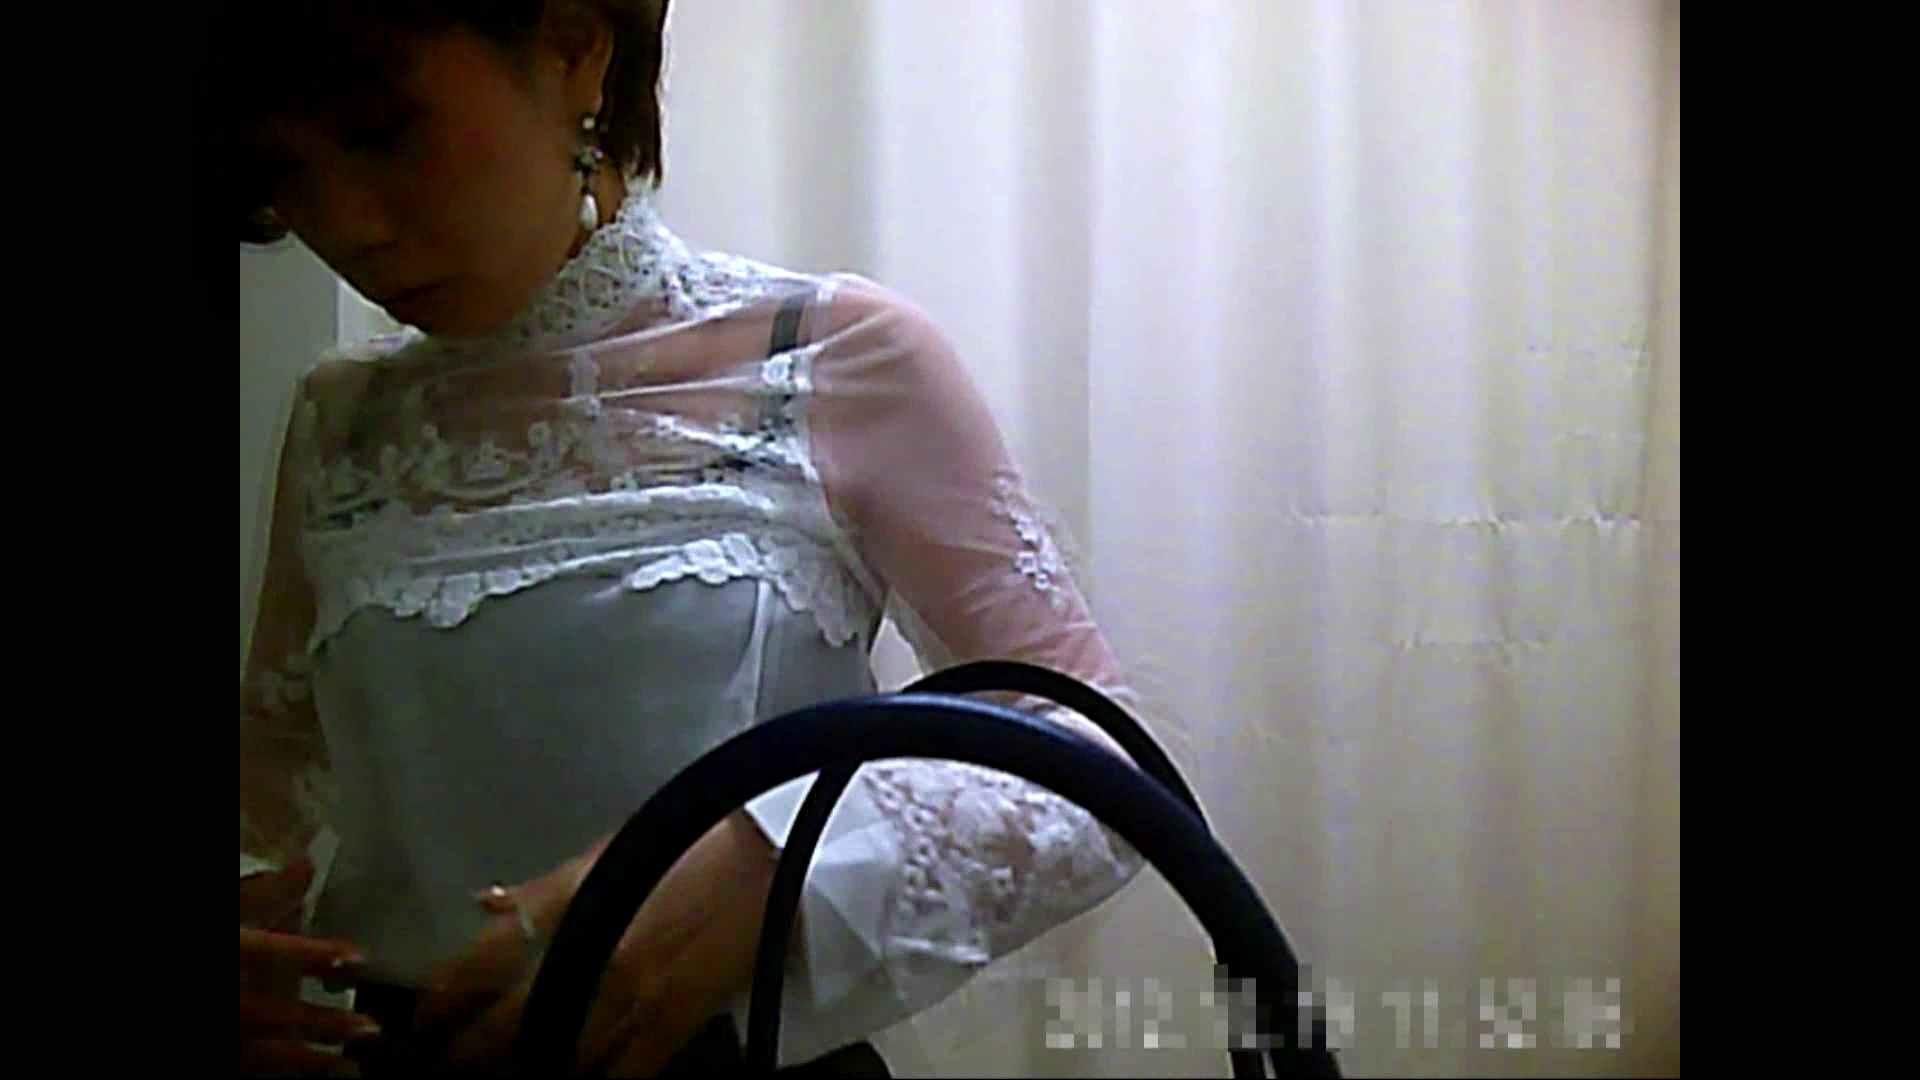 元医者による反抗 更衣室地獄絵巻 vol.052 OLハメ撮り  103Pix 37